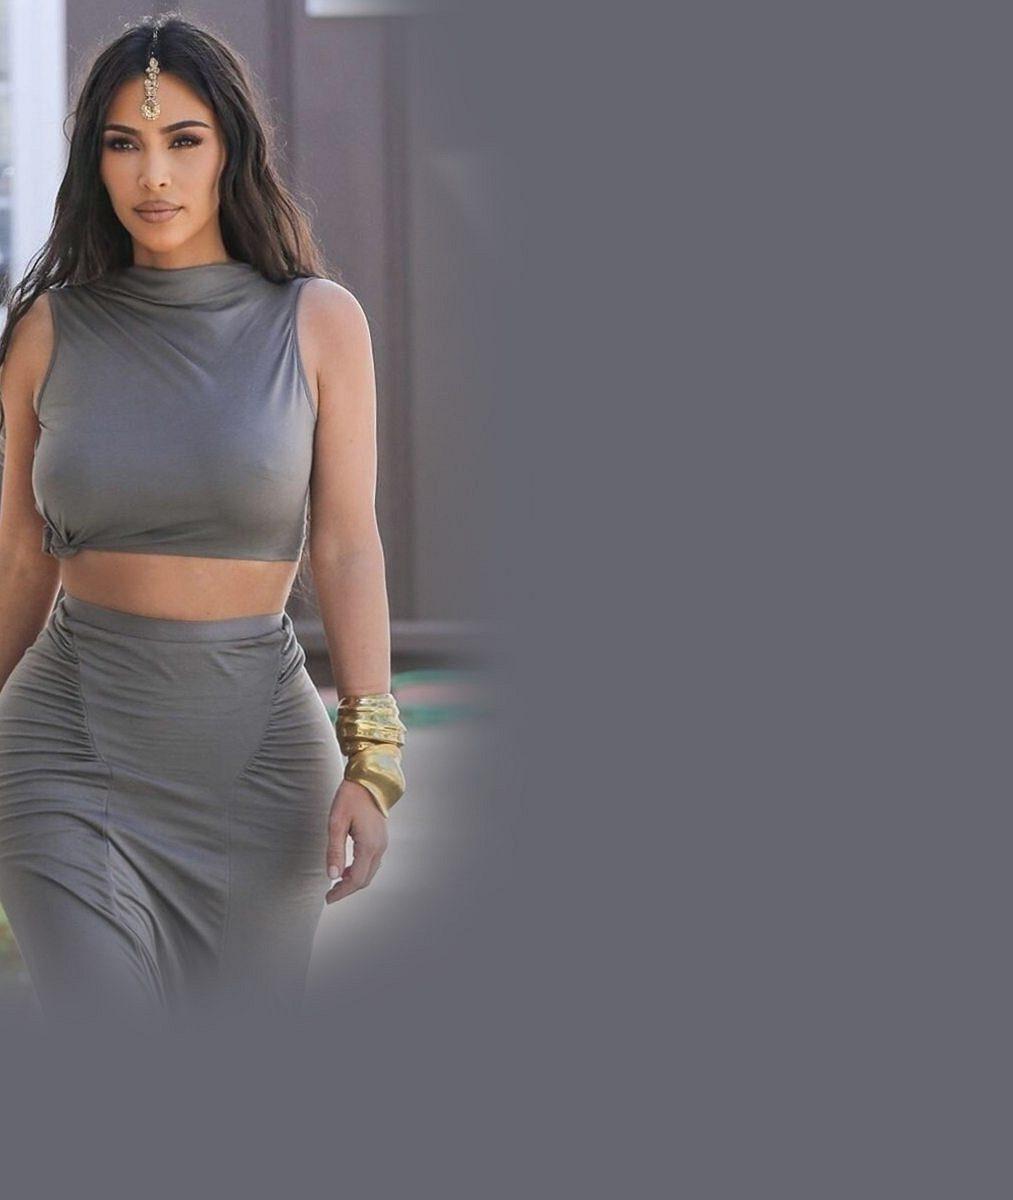 Kim Kardashian se pochlubila nejkrásnější fotkou vůbec: Tento snímek ufanoušků vyhrál nad všemi hanbatými